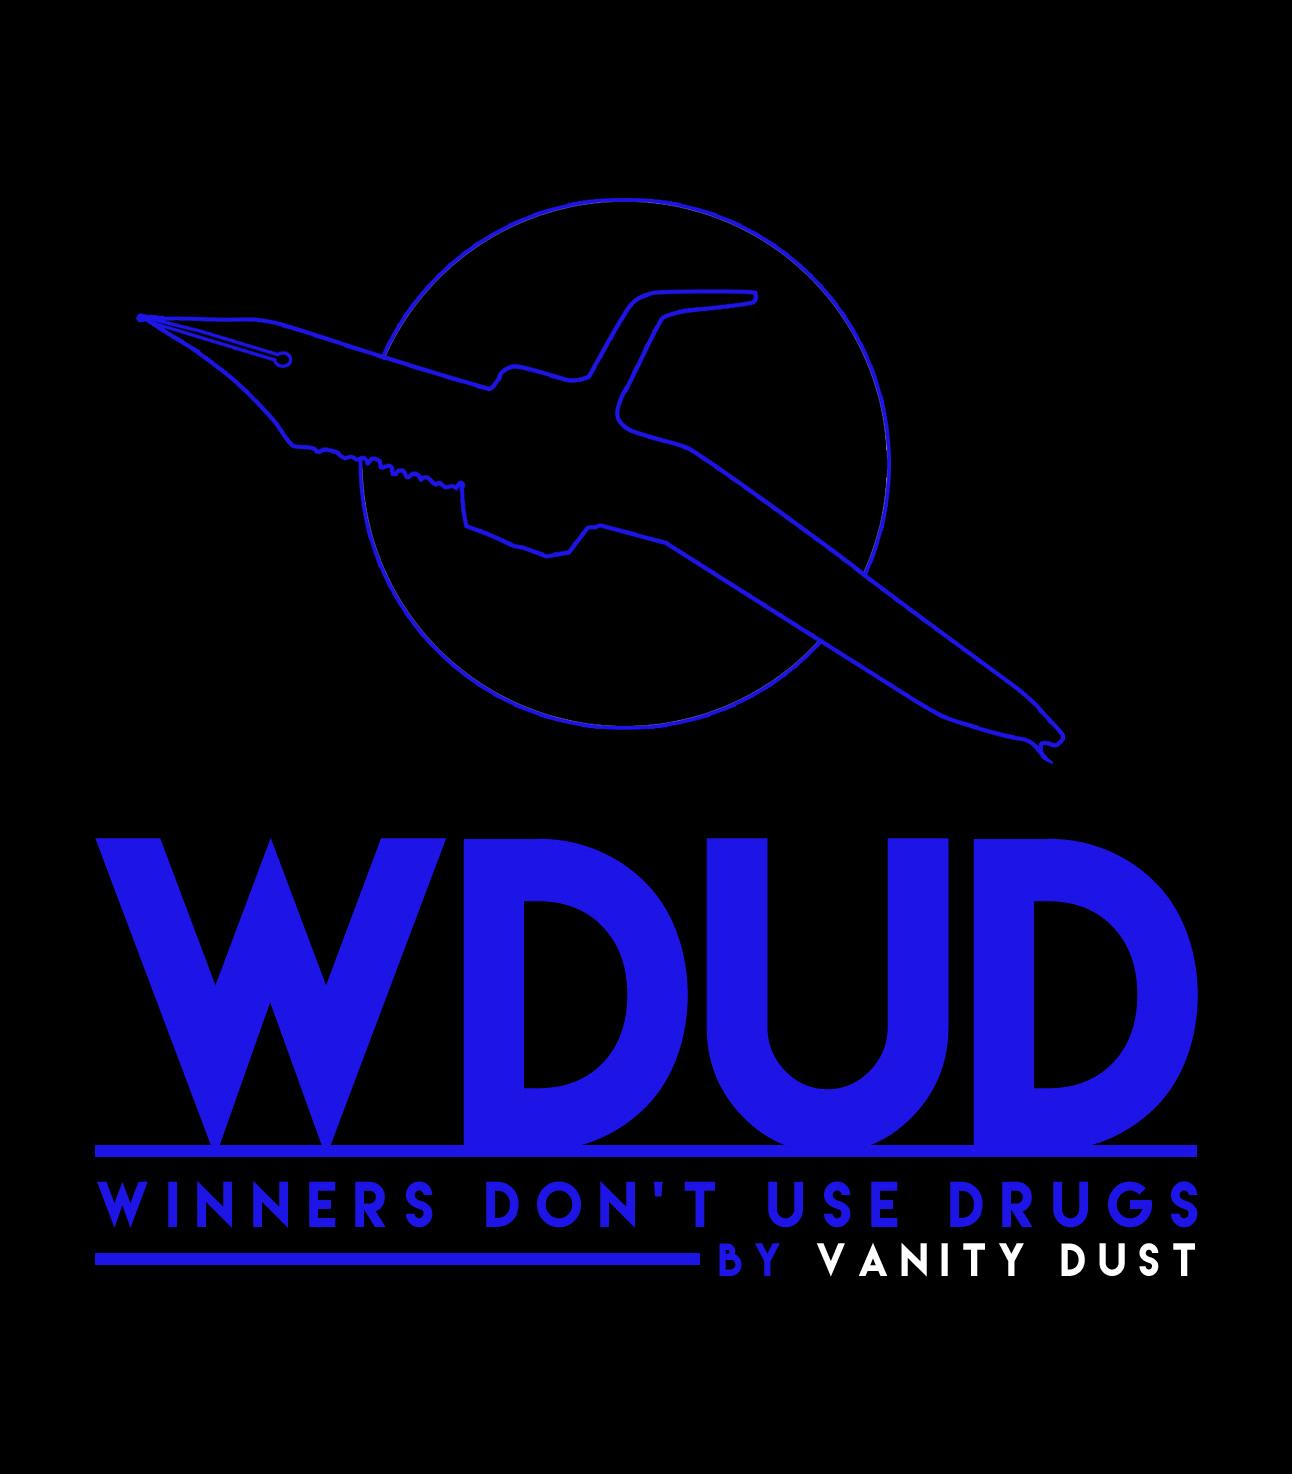 WDUD by Vanity Dust